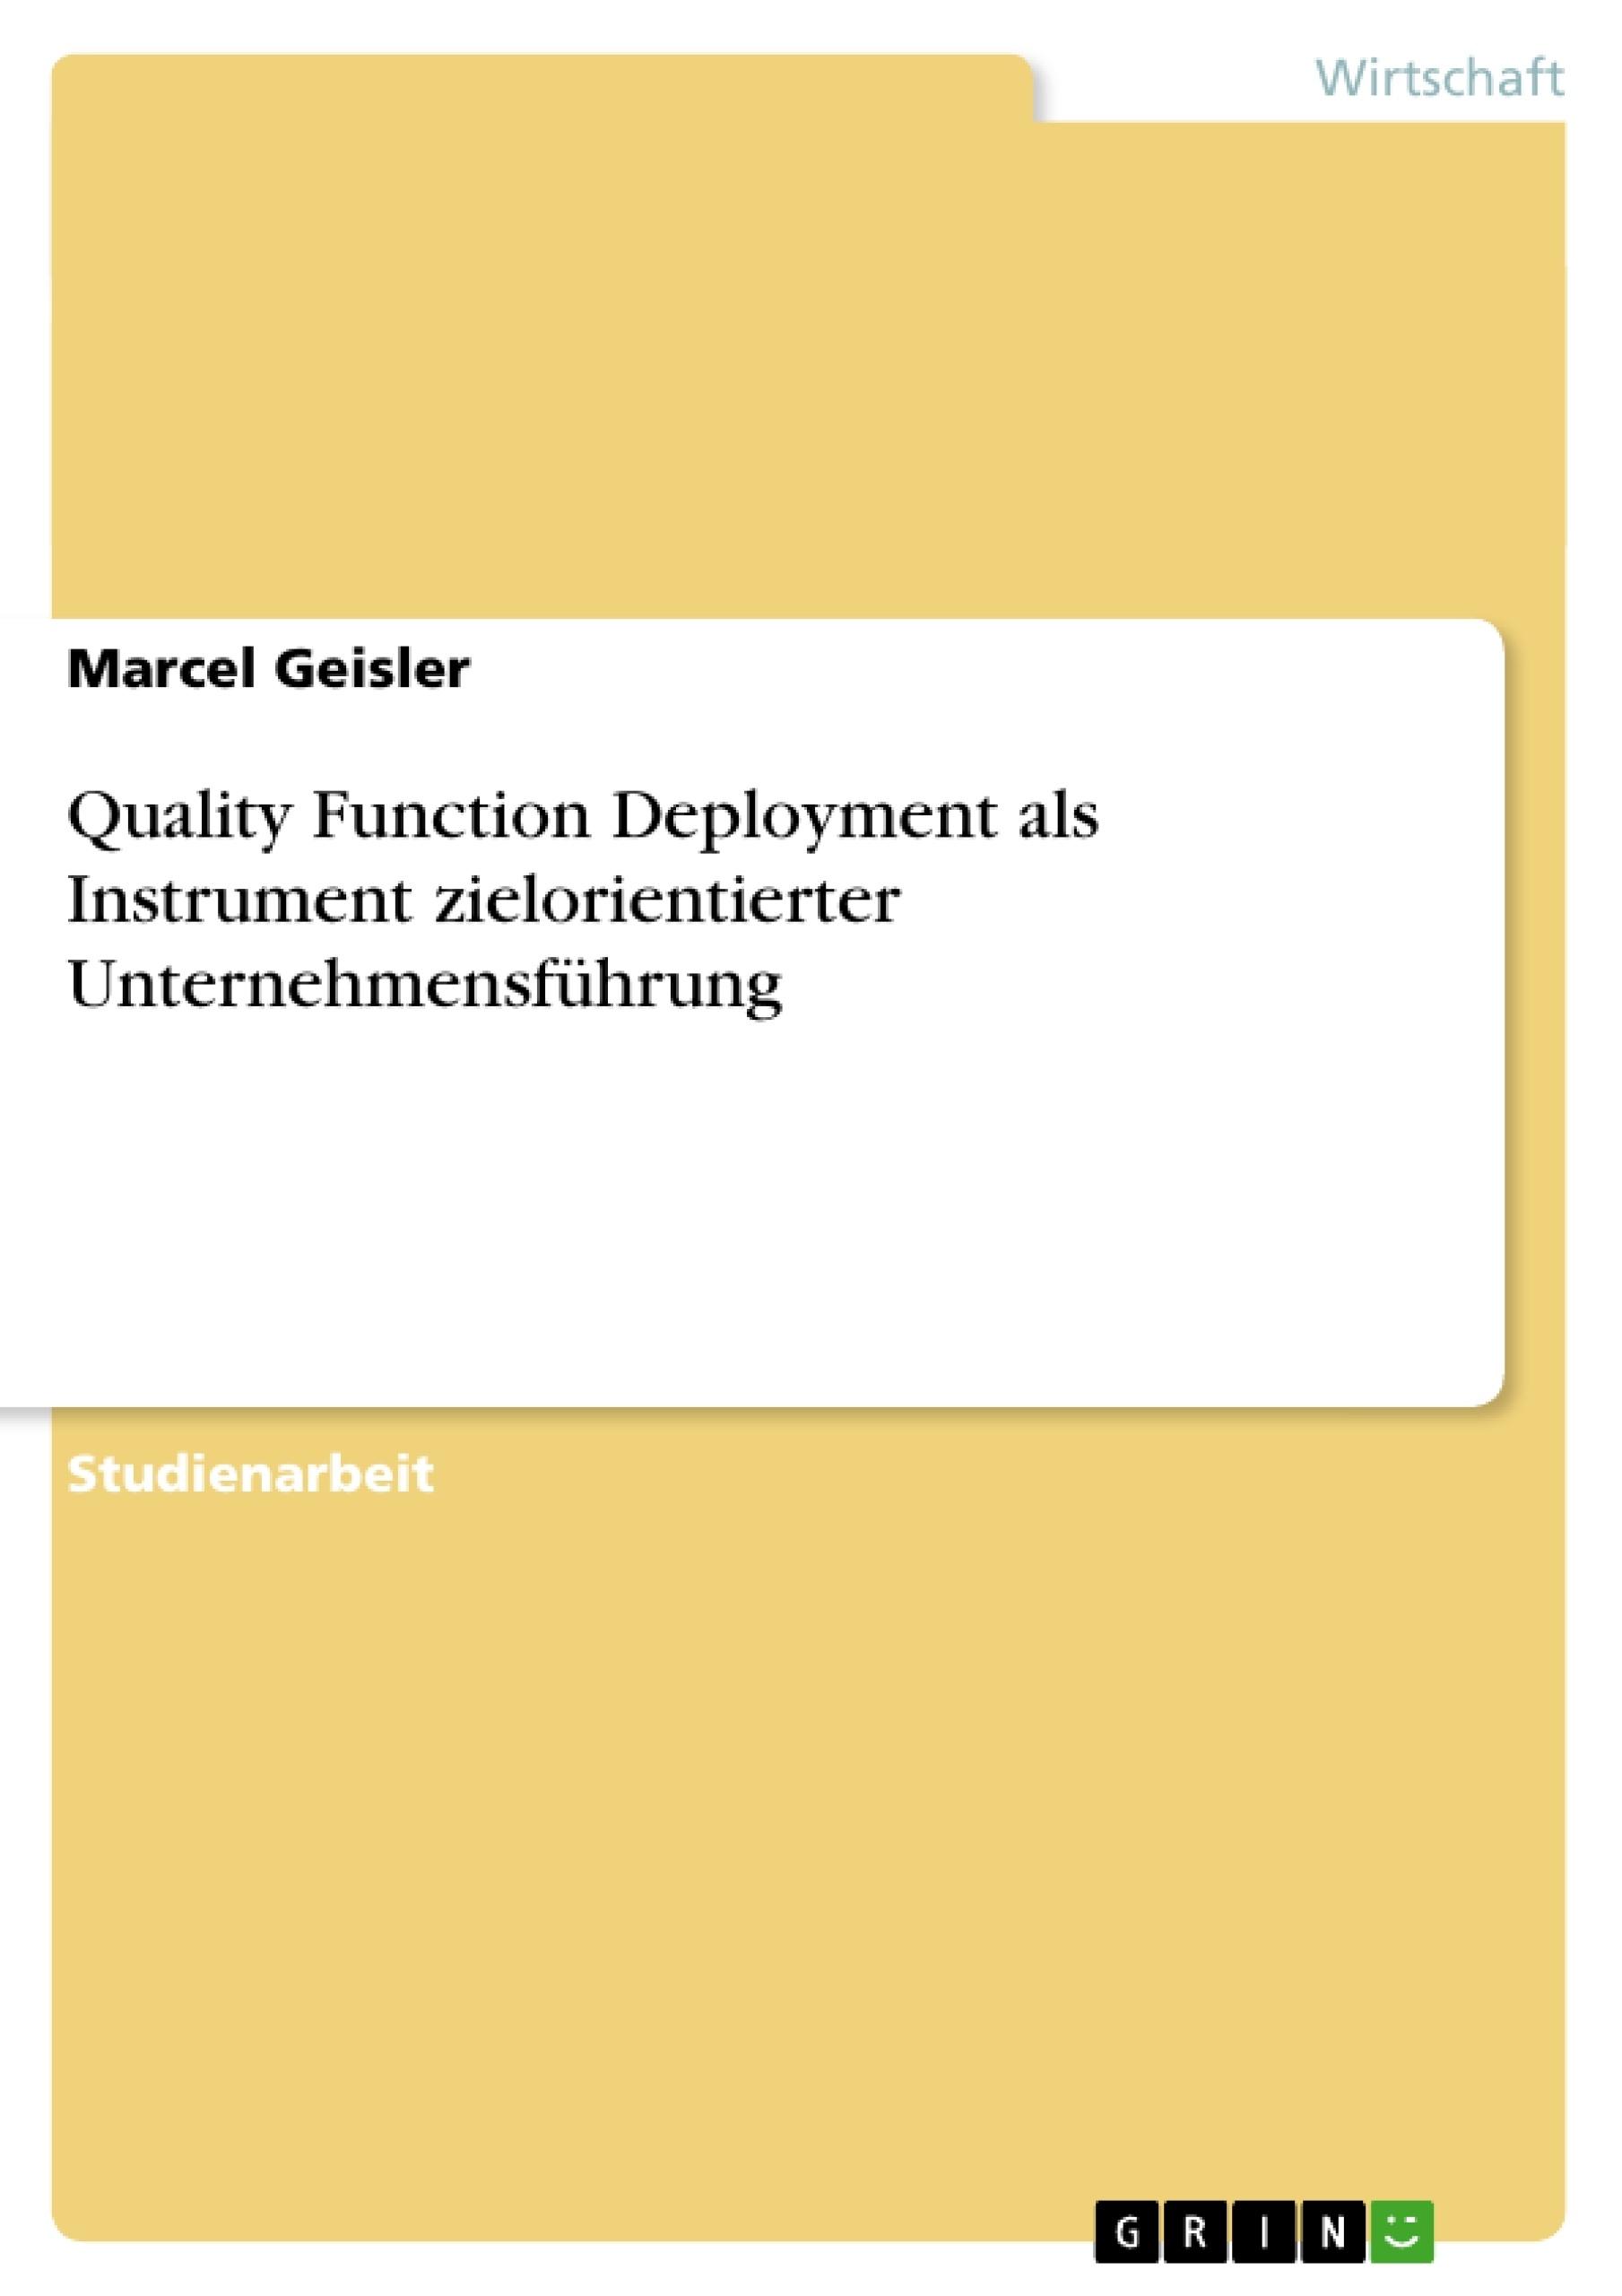 Titel: Quality Function Deployment als Instrument zielorientierter Unternehmensführung